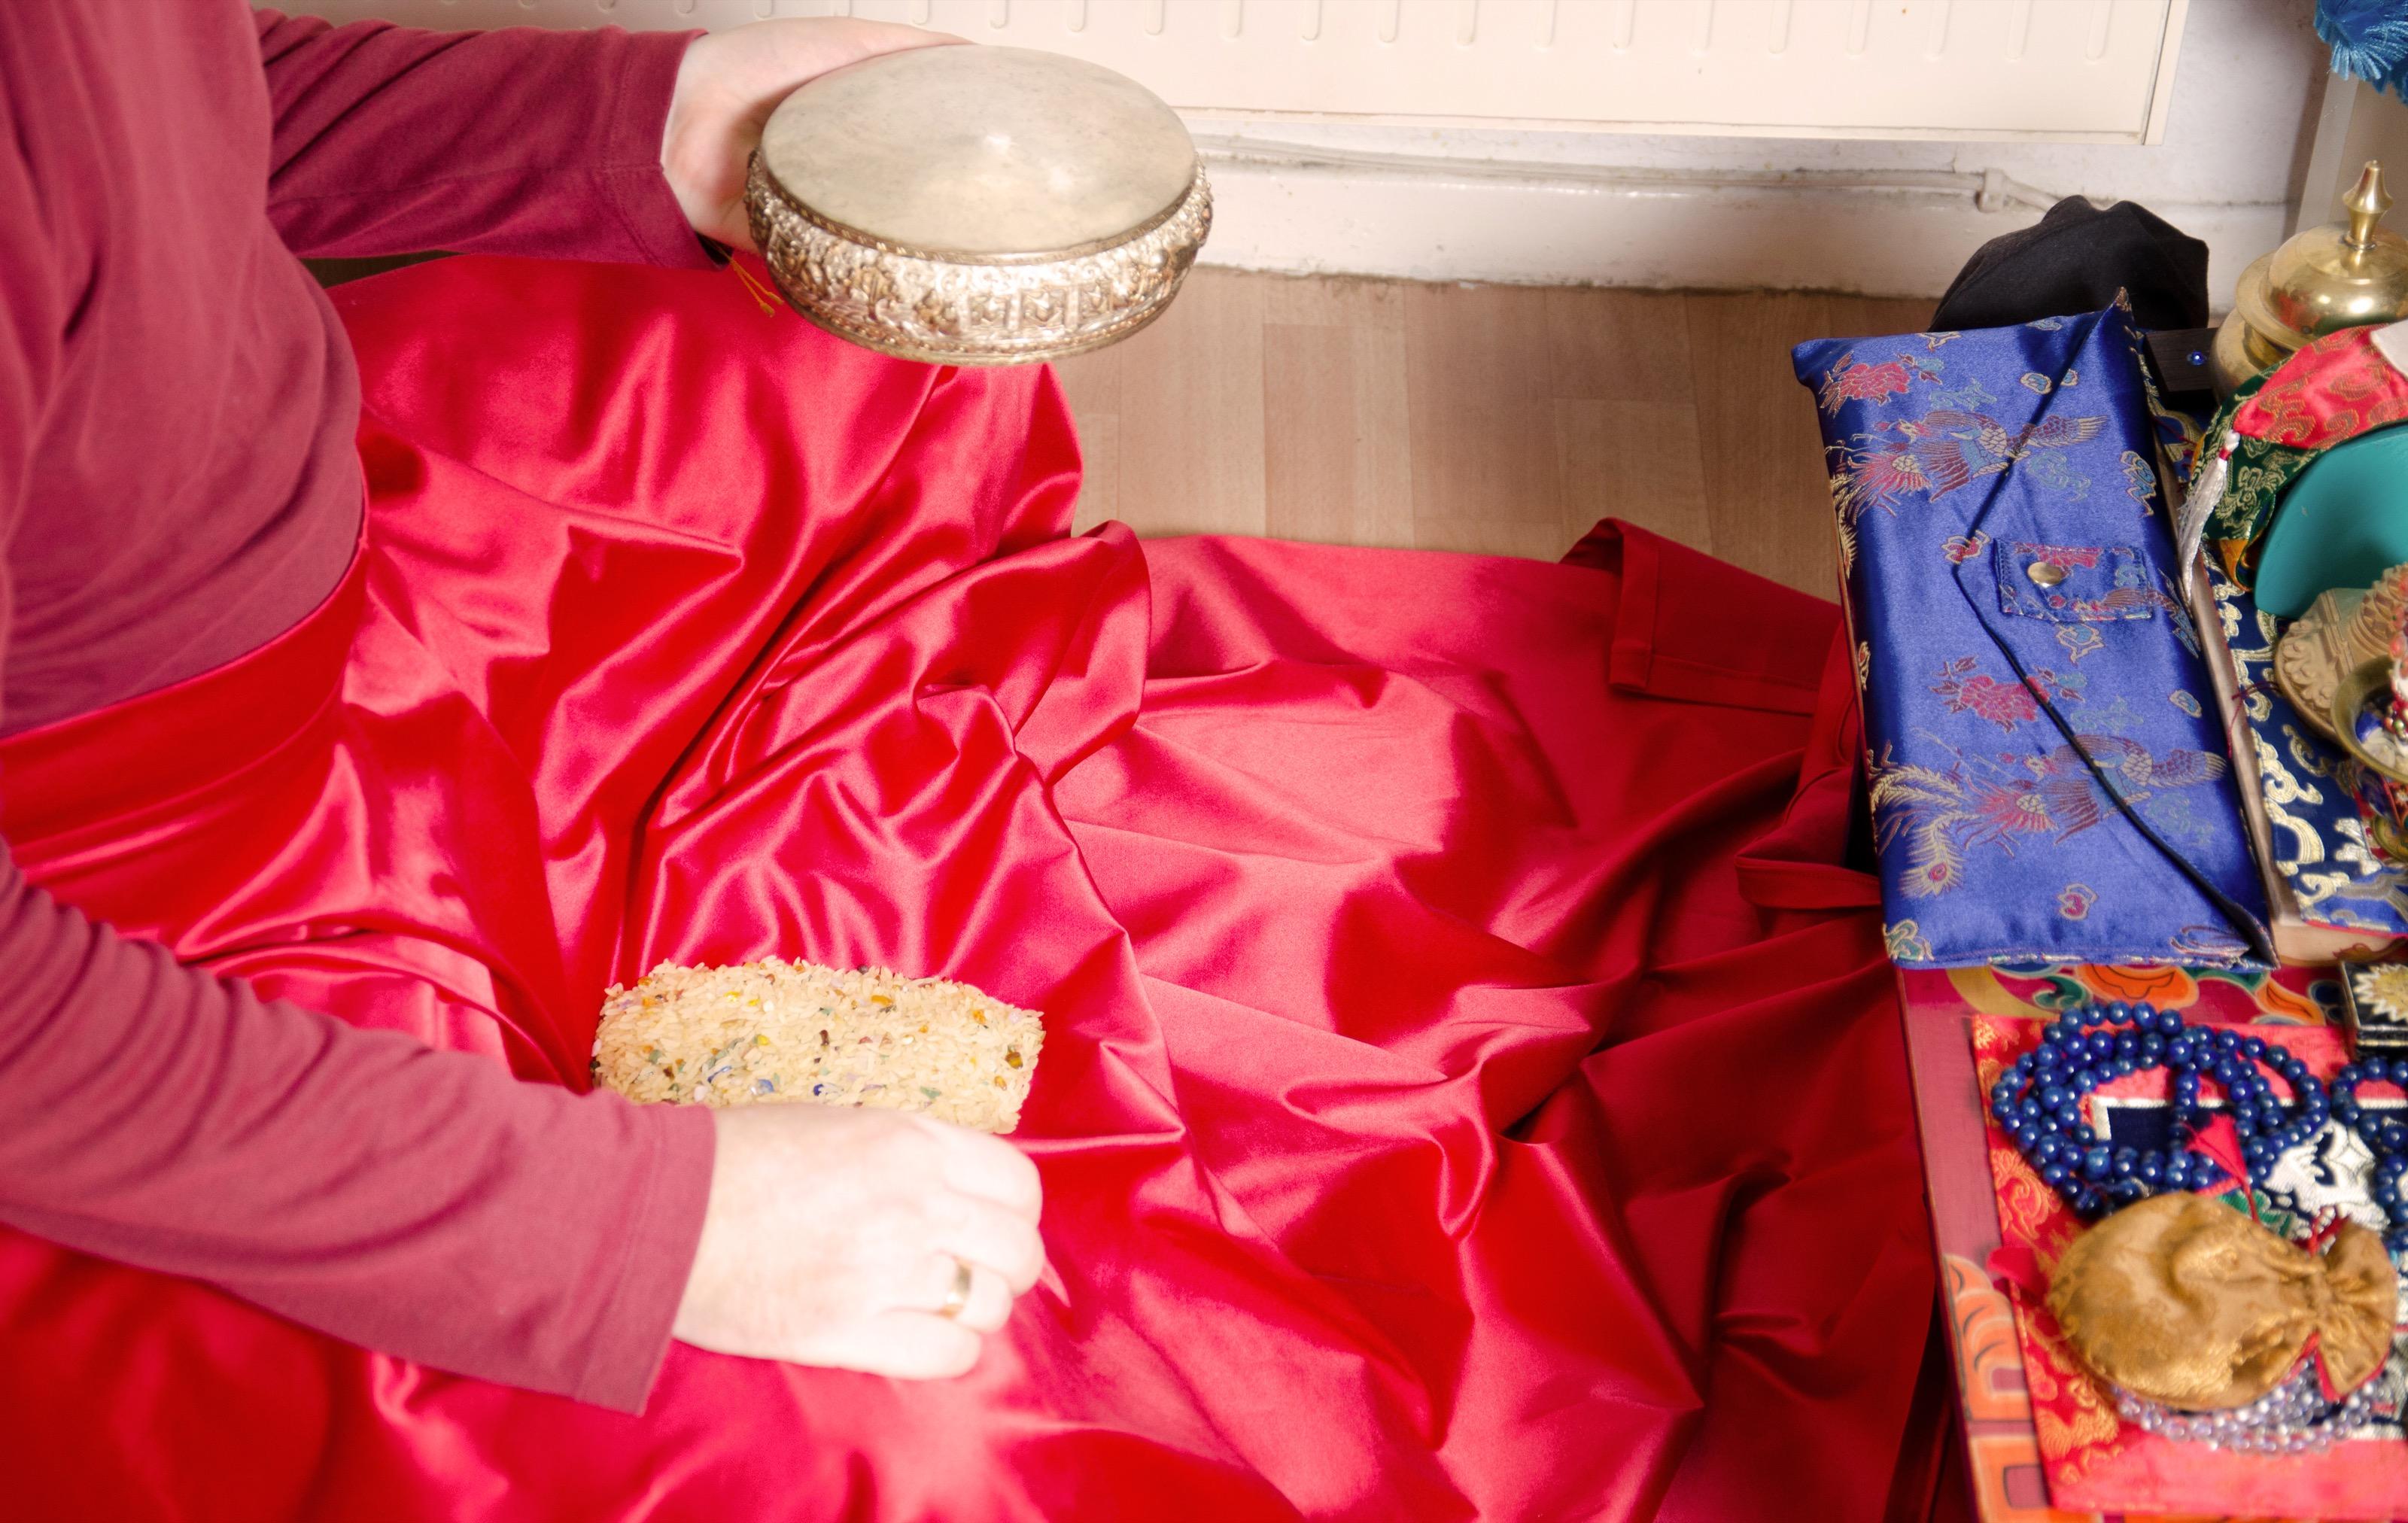 Mandalscheibe Reis und die Schürz